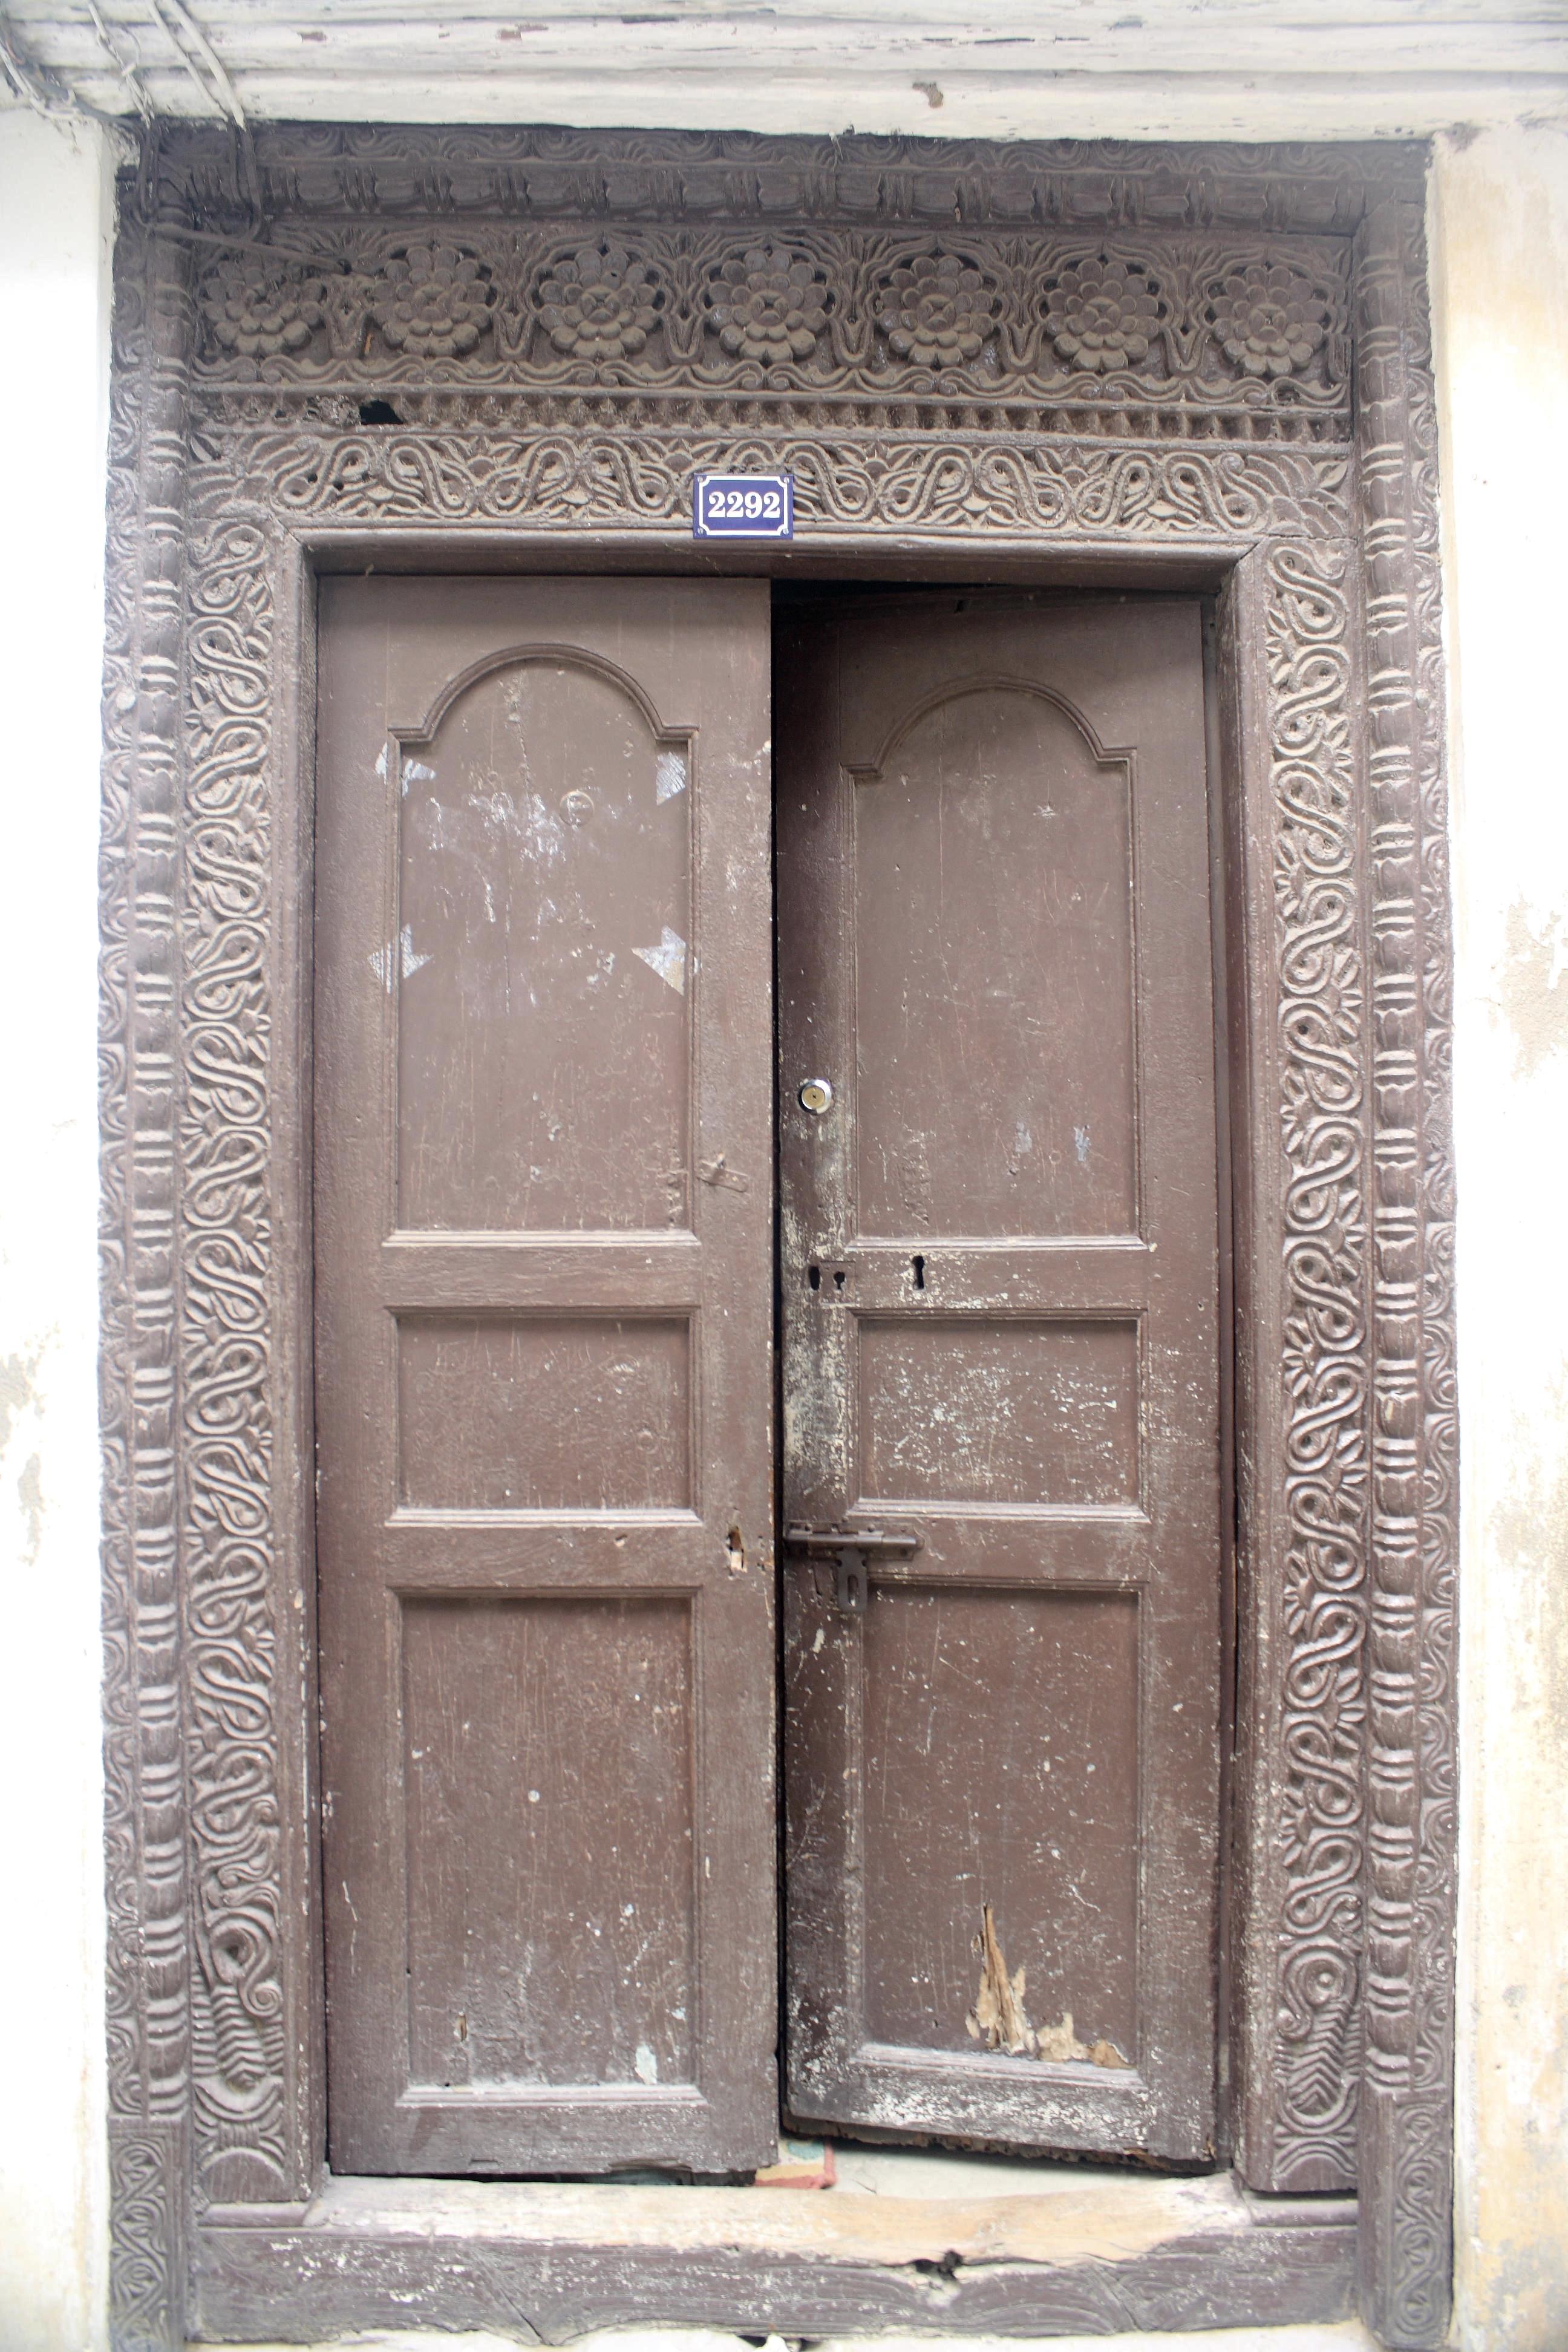 A wooden zanzibar door with one half open